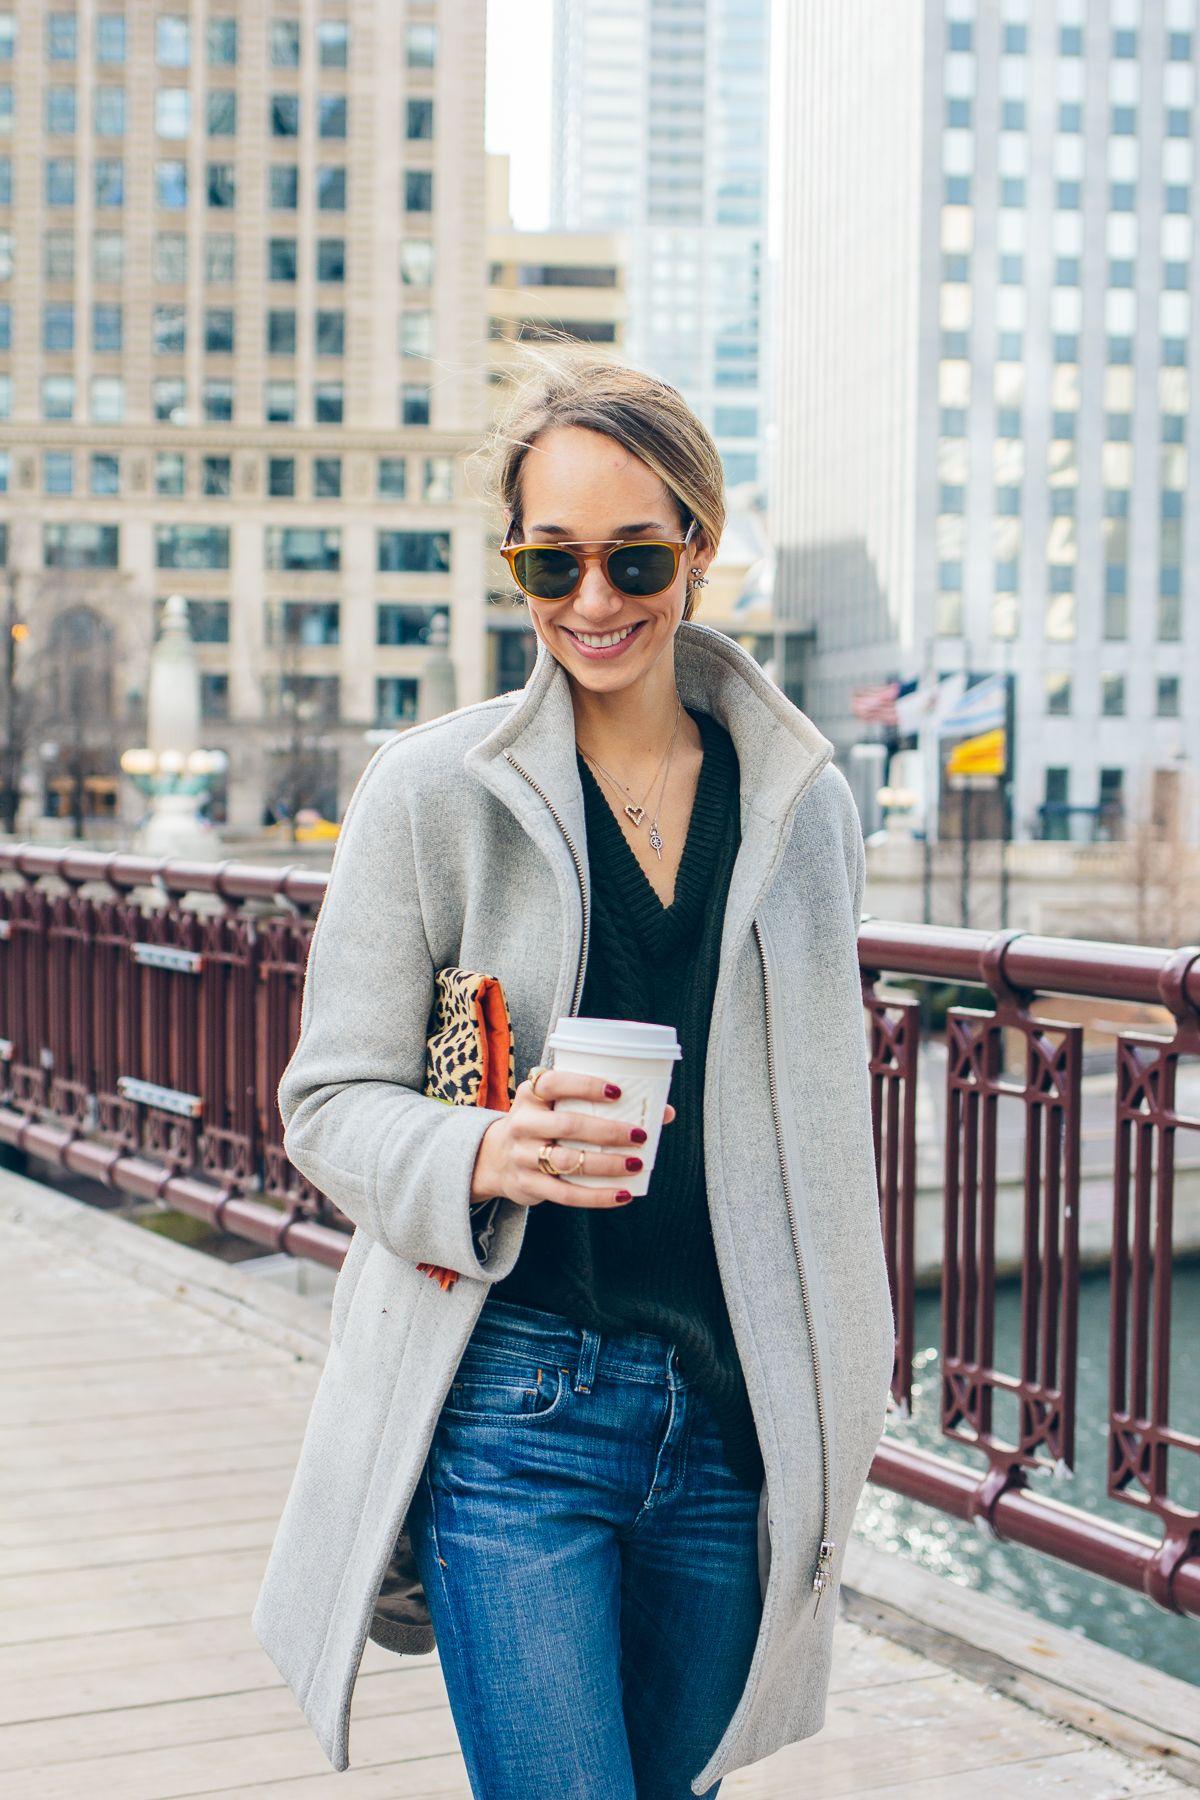 c1f90dda638 How to Wear Boyfriend Jeans